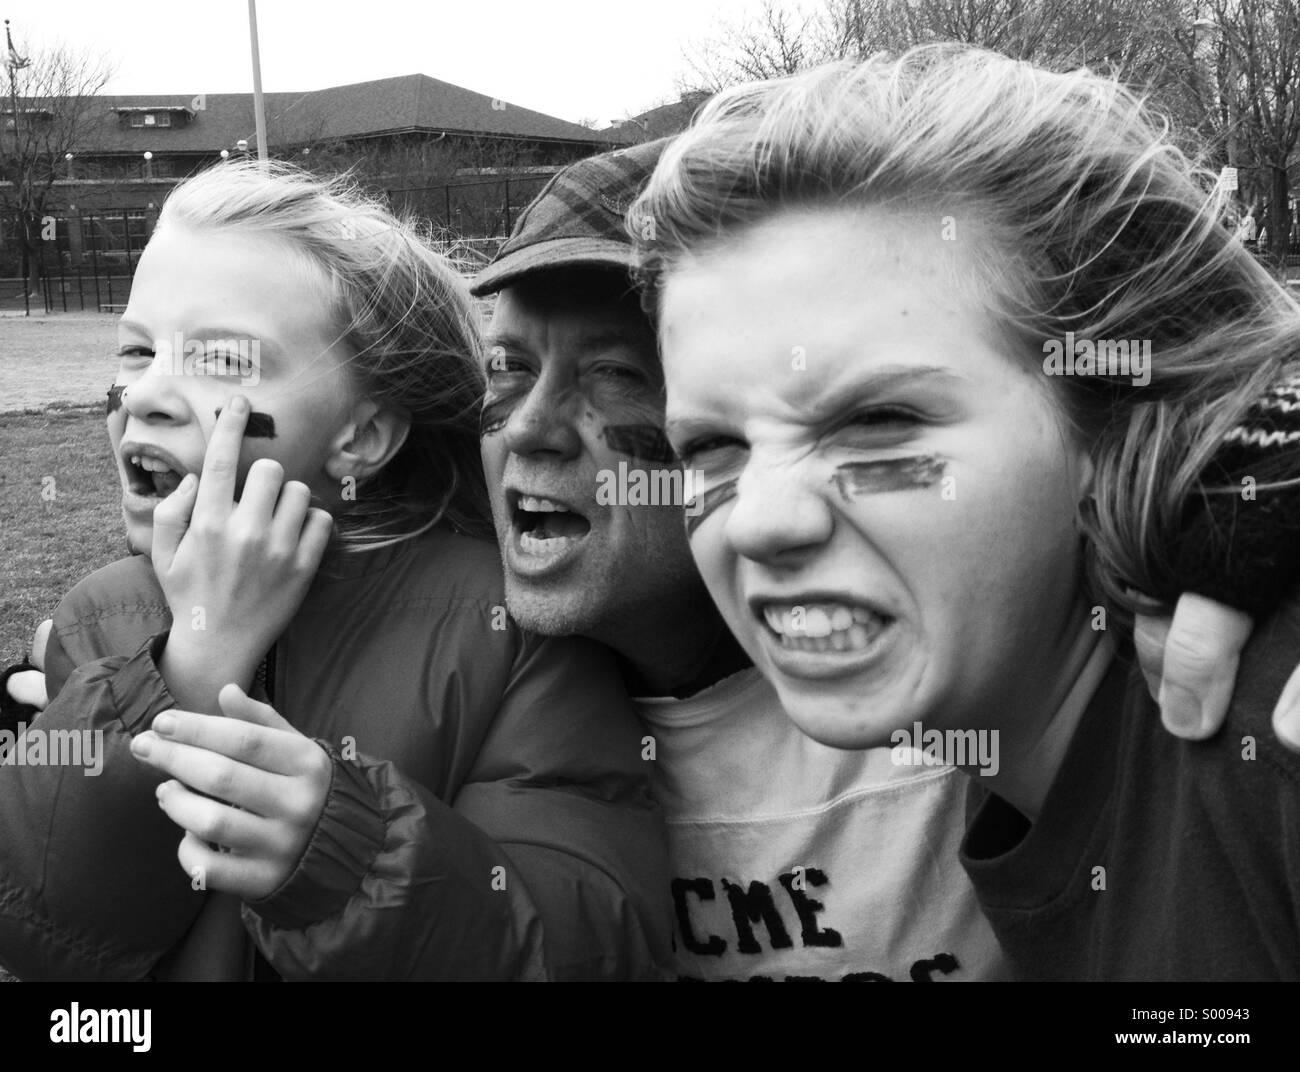 Mach dich bereit für ein Familienspiel des Fußballs, ein Vater und seine Töchter. Stockfoto